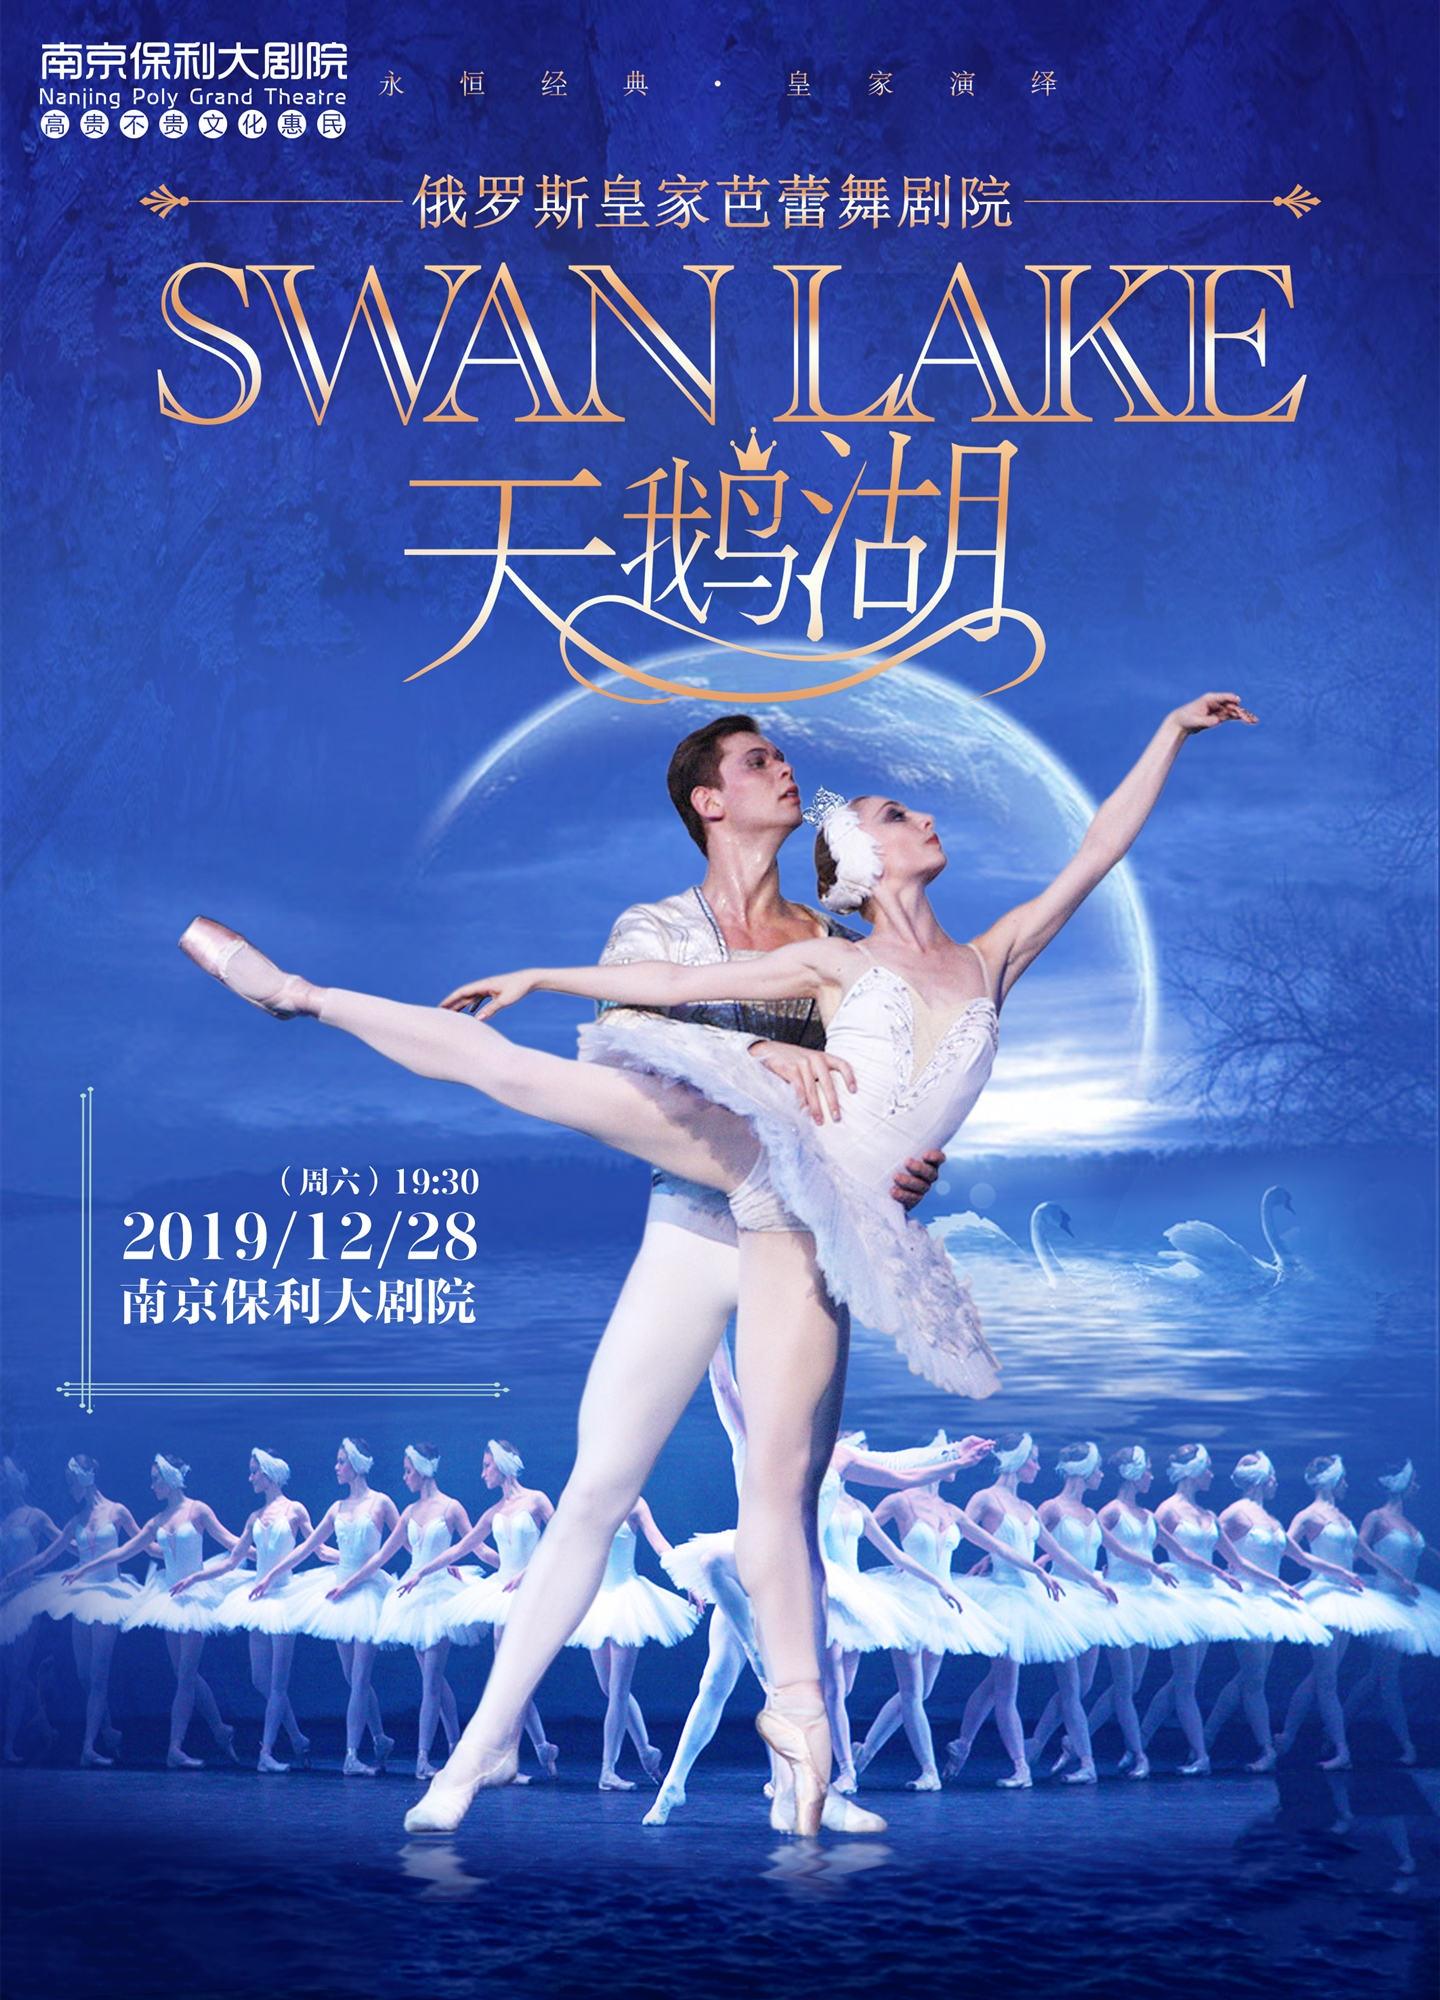 俄罗斯皇家芭蕾舞剧《天鹅湖》南京站